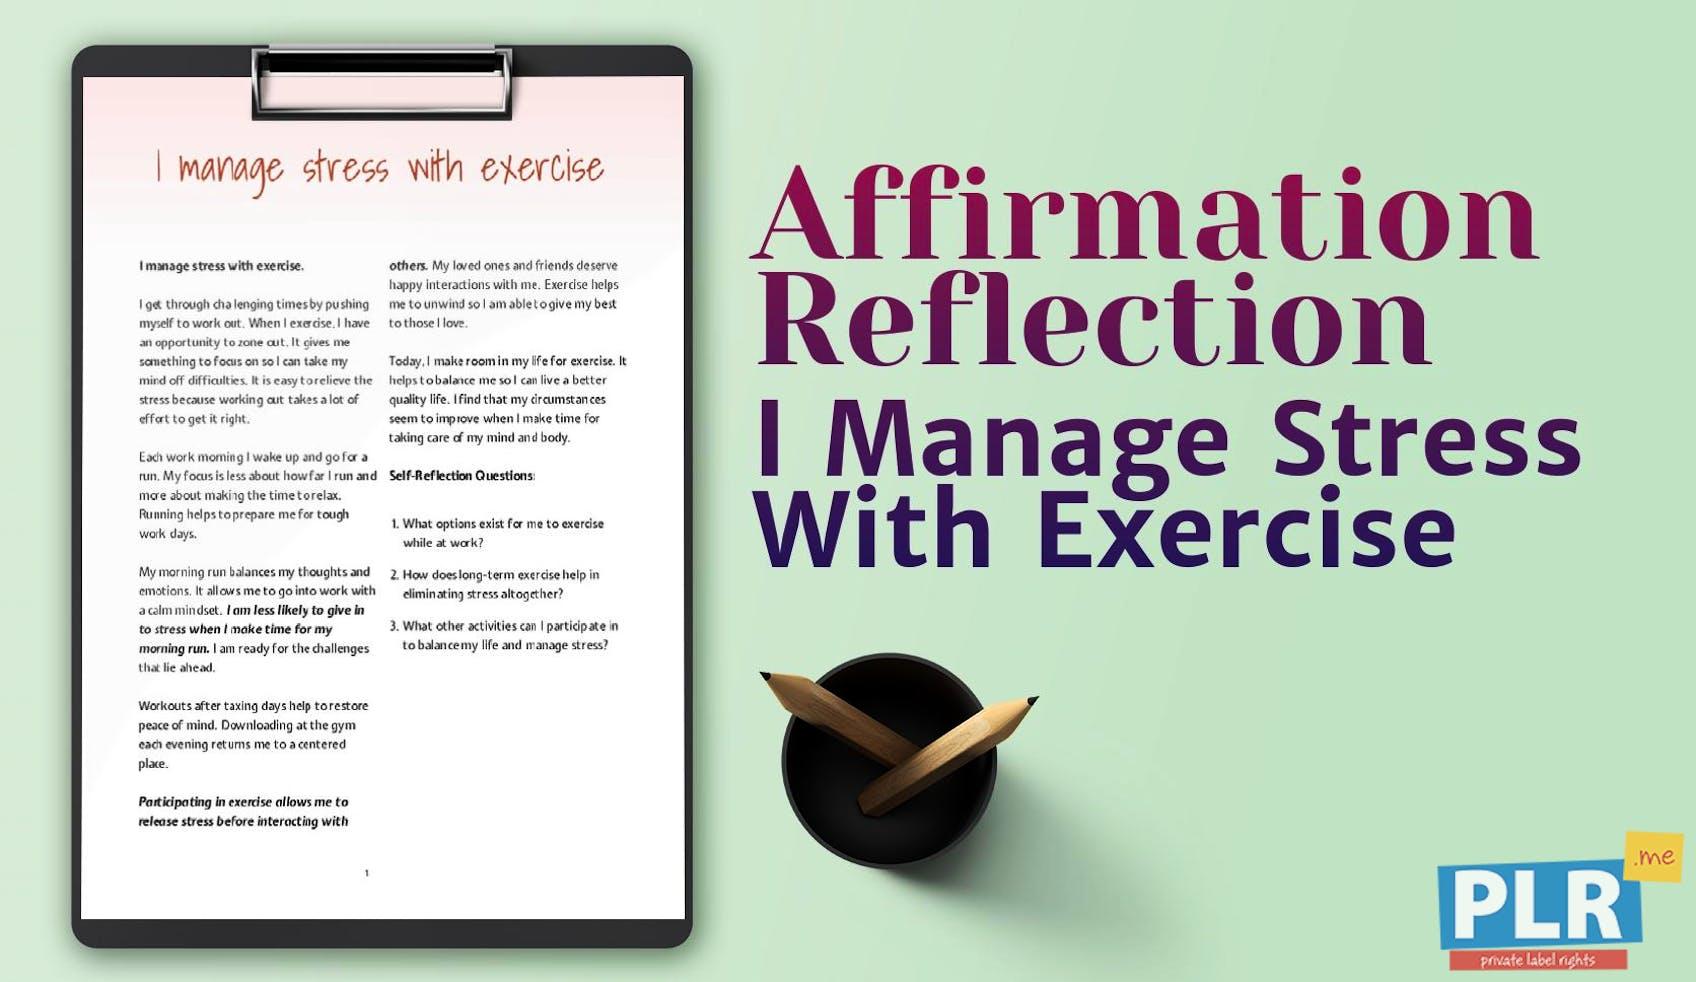 I Manage Stress With Exercise